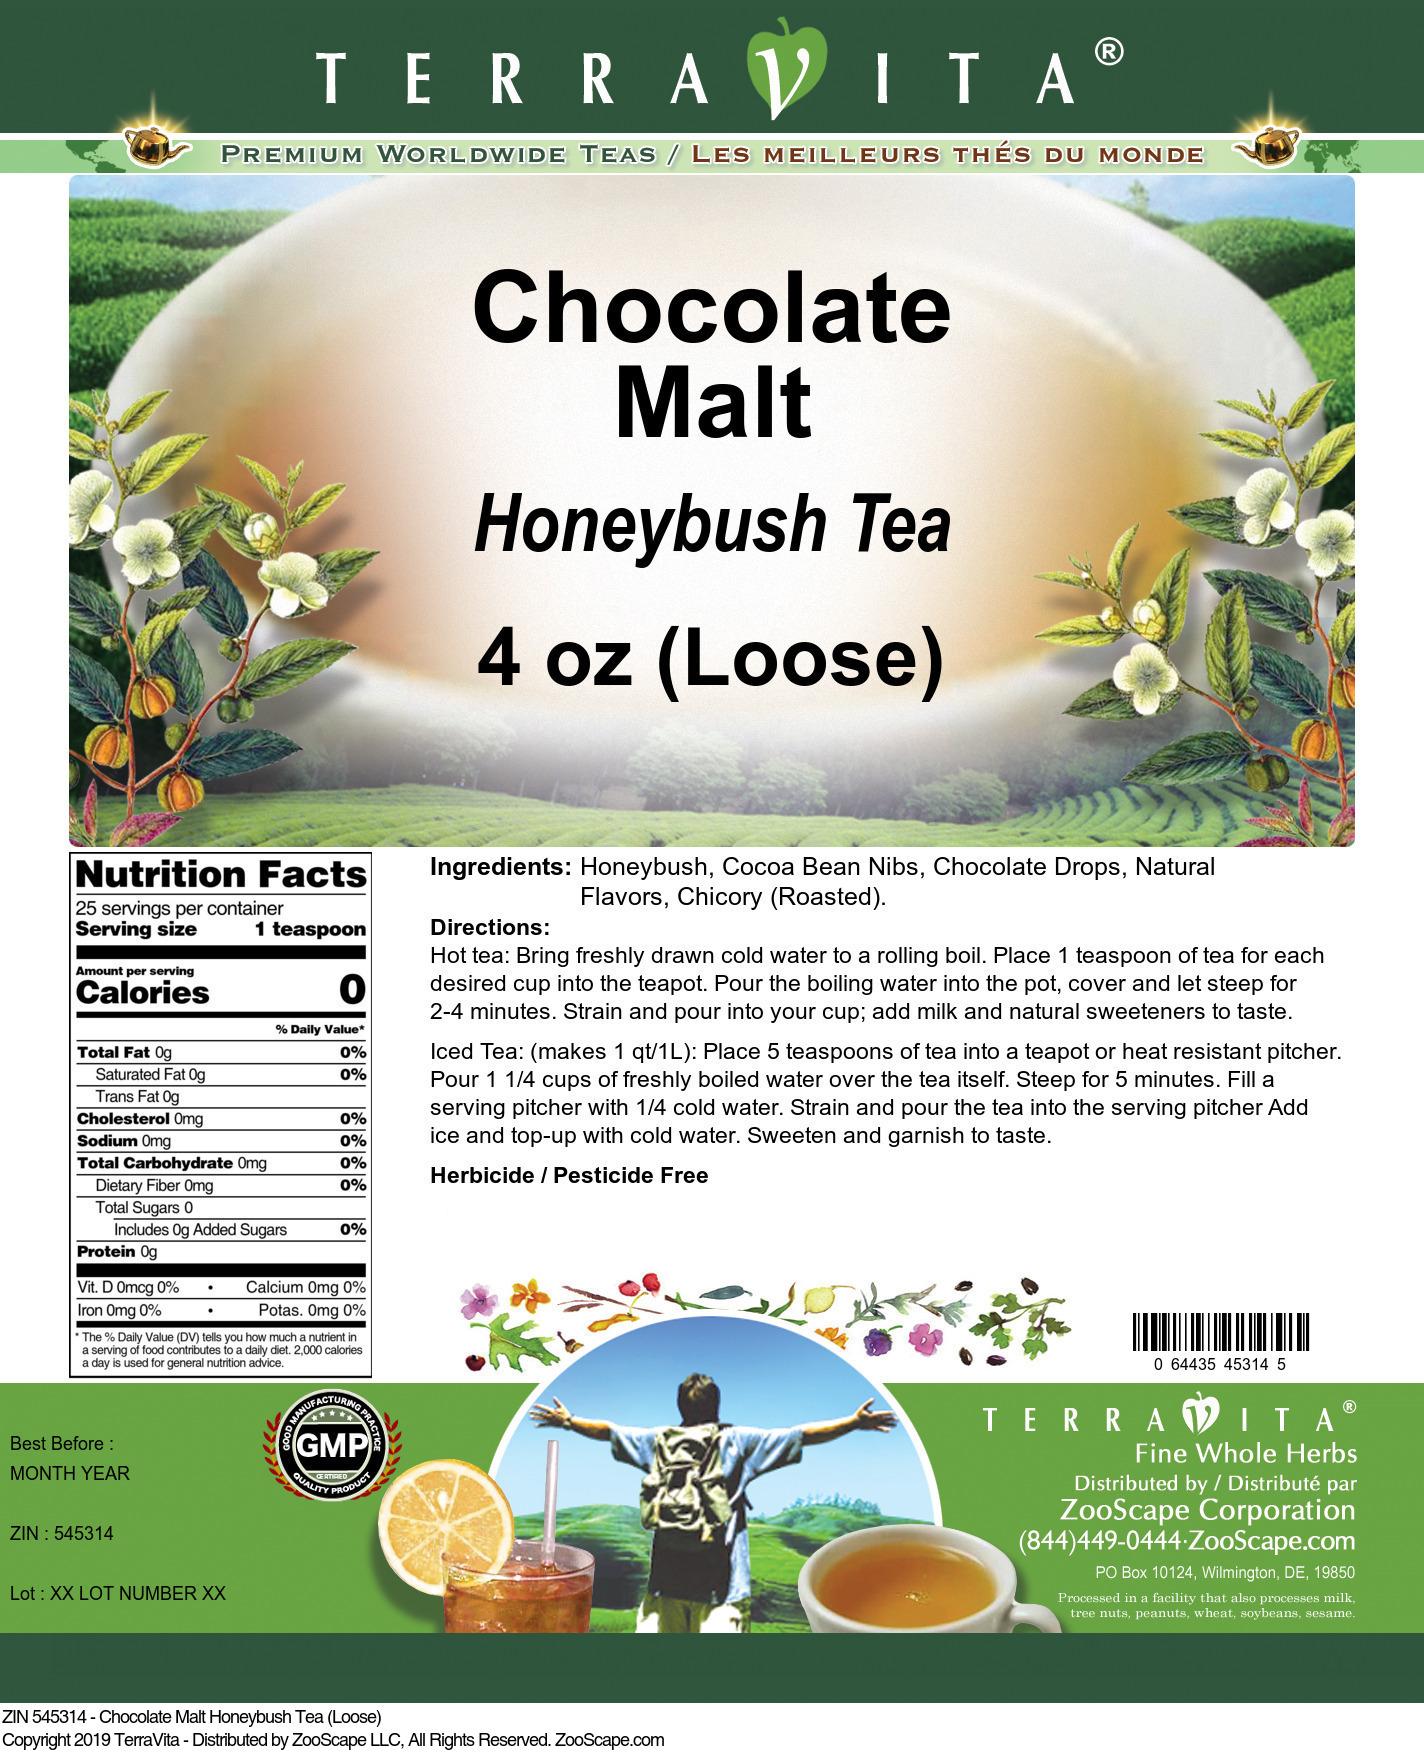 Chocolate Malt Honeybush Tea